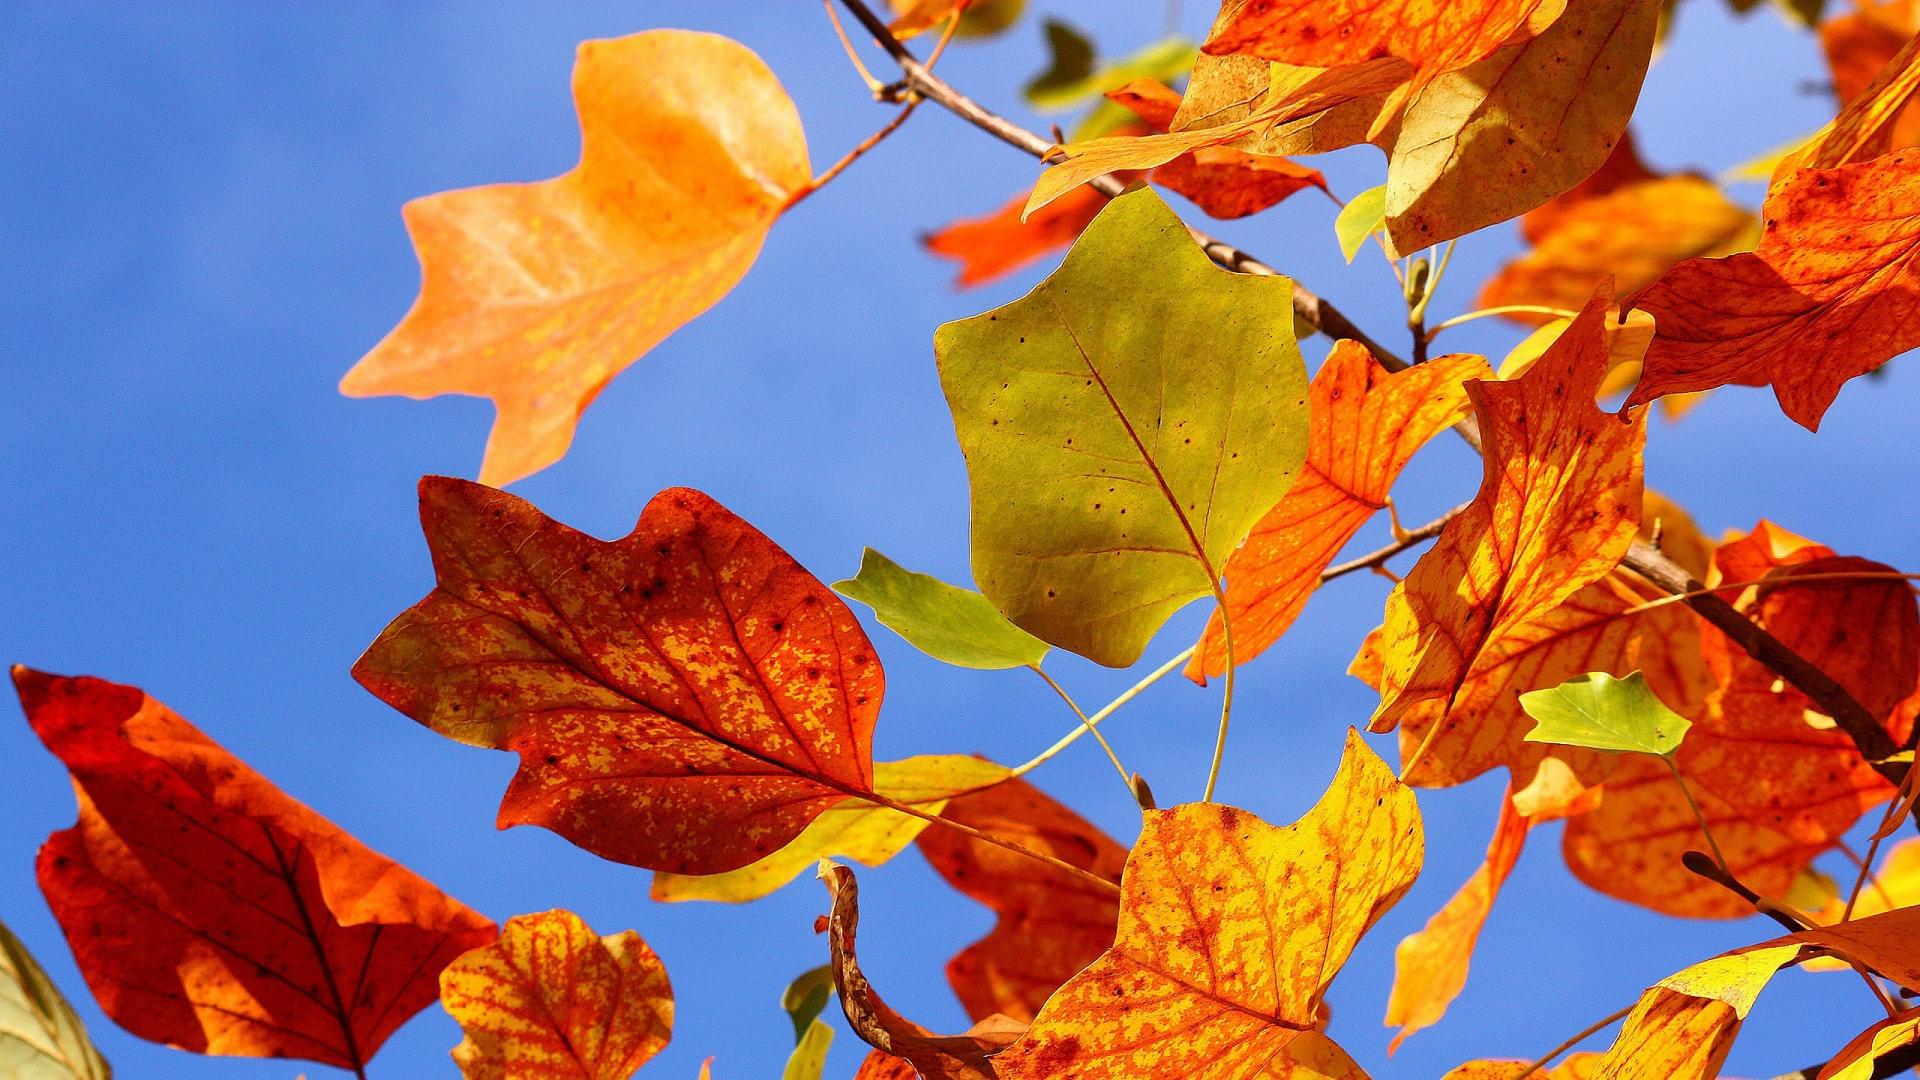 Обои на рабочий стол широкоформатные осенние листья